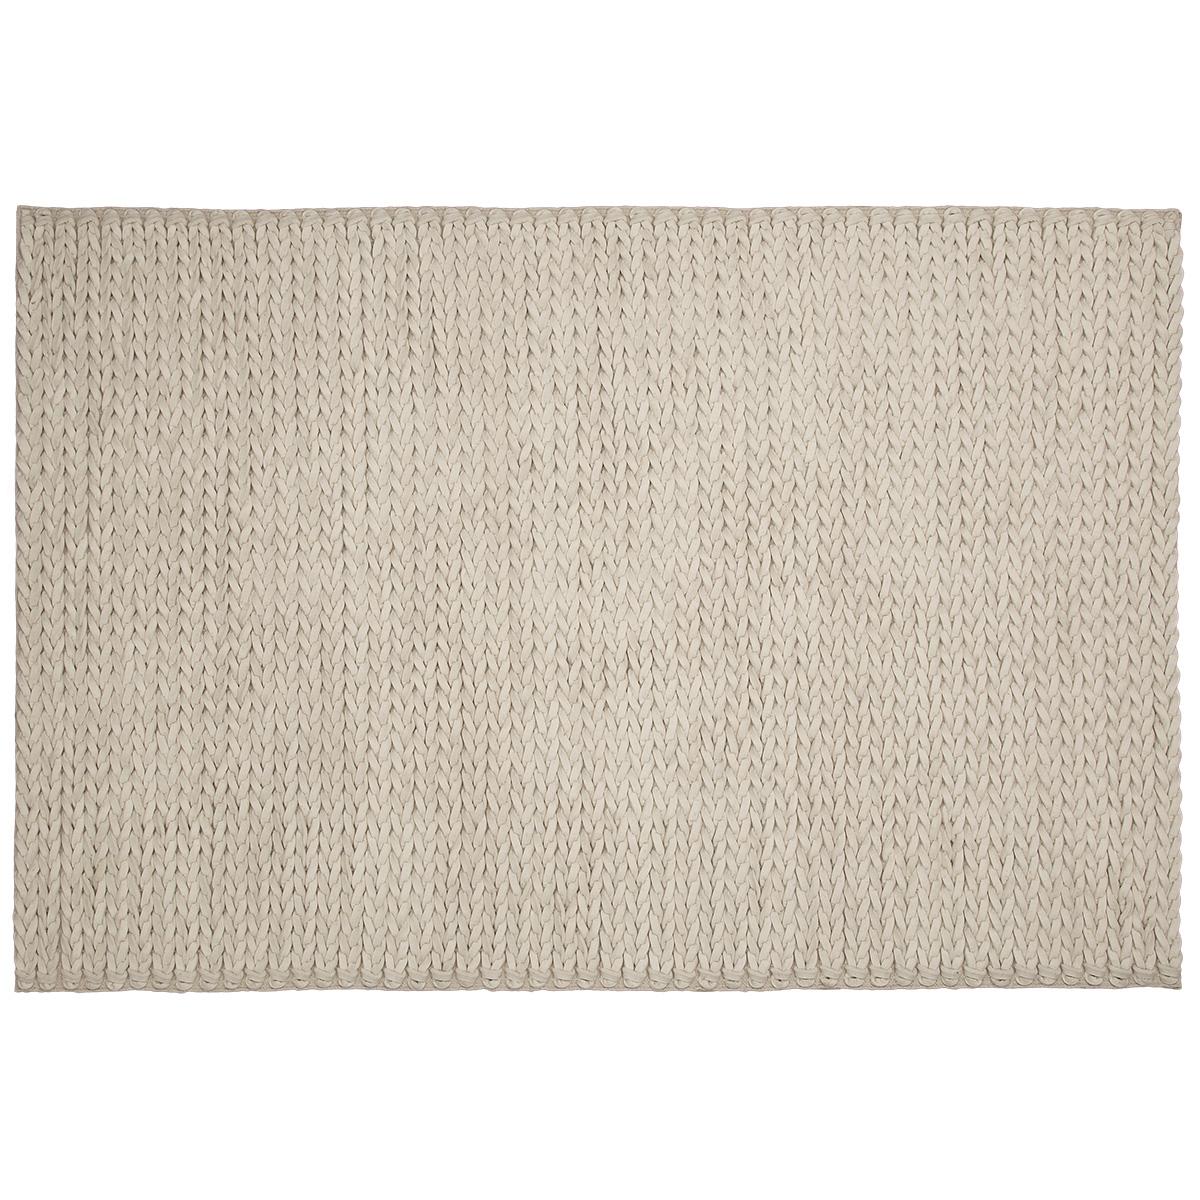 Vloerkleed Brinker Hay 110 | 160 x 230 cm